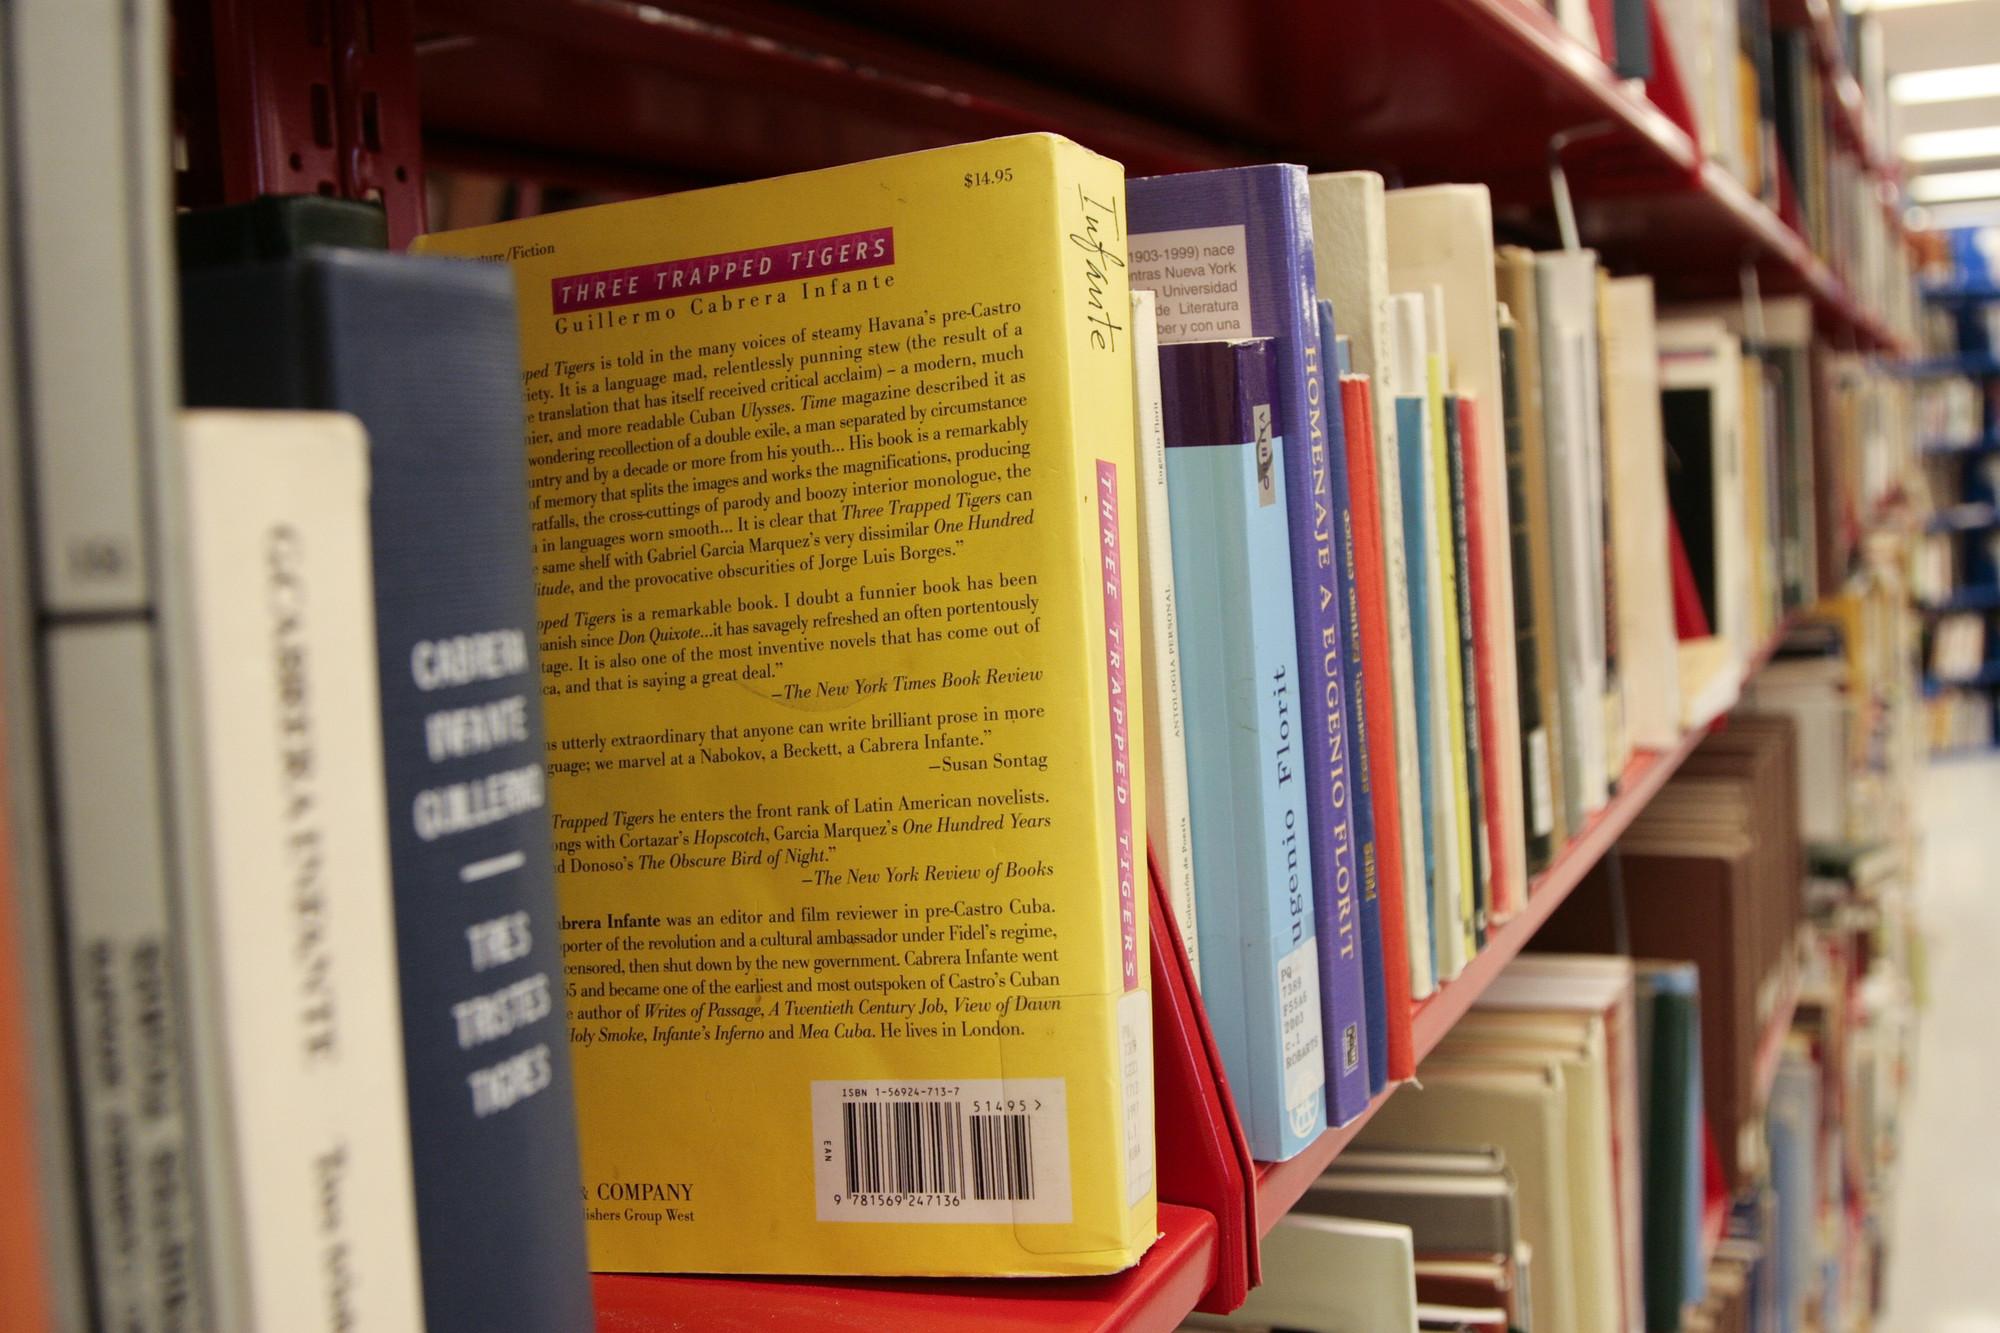 Robarts Library book stacks